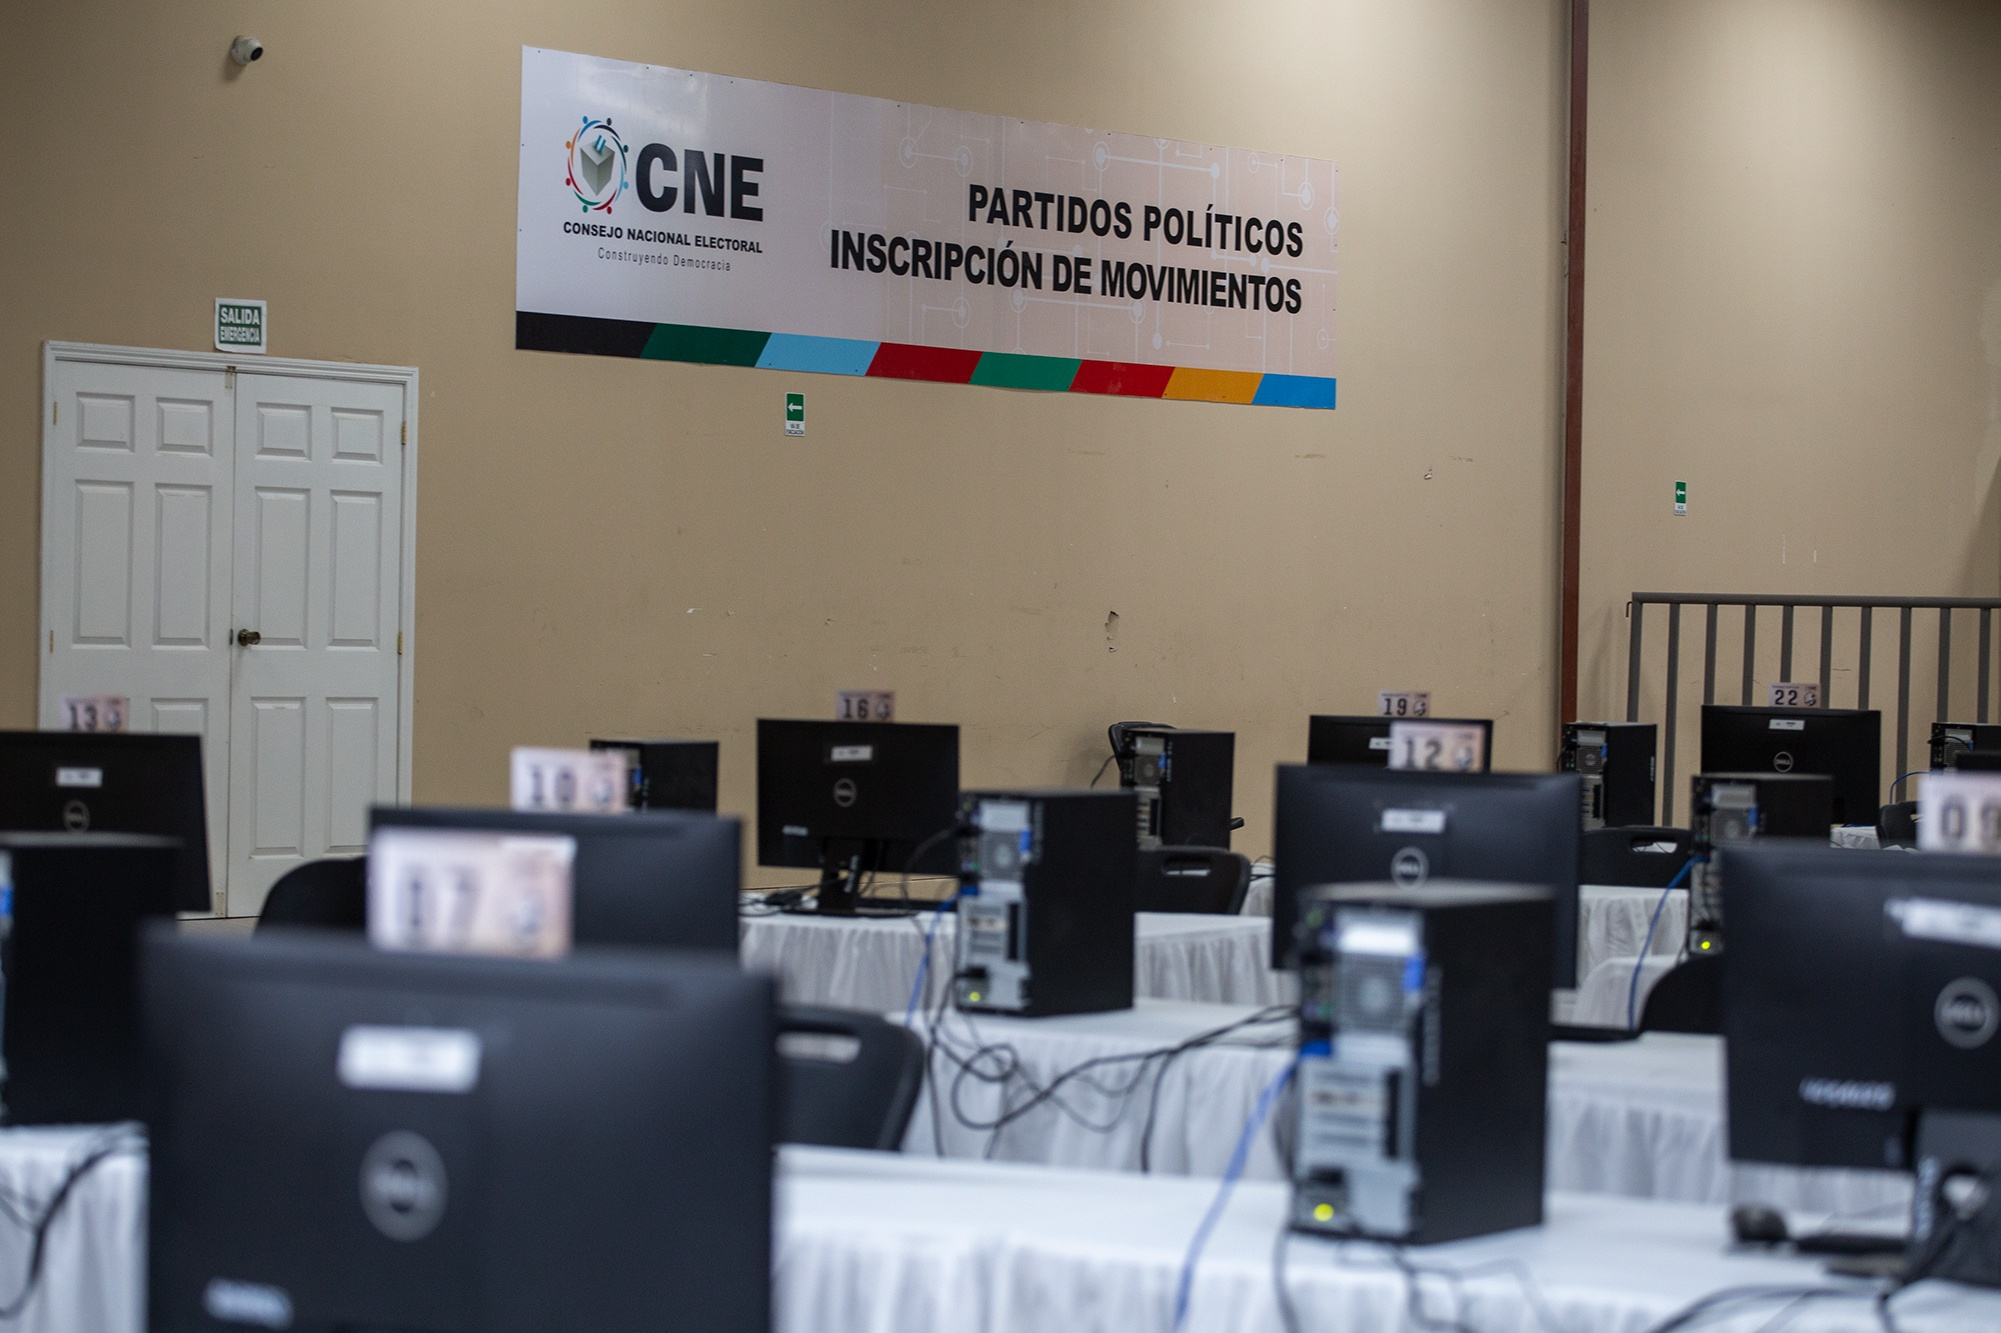 Sala de cómputo del Consejo Nacional Electoral. Tegucigalpa, 3 de diciembre de 2020. Foto: Martín Cálix.